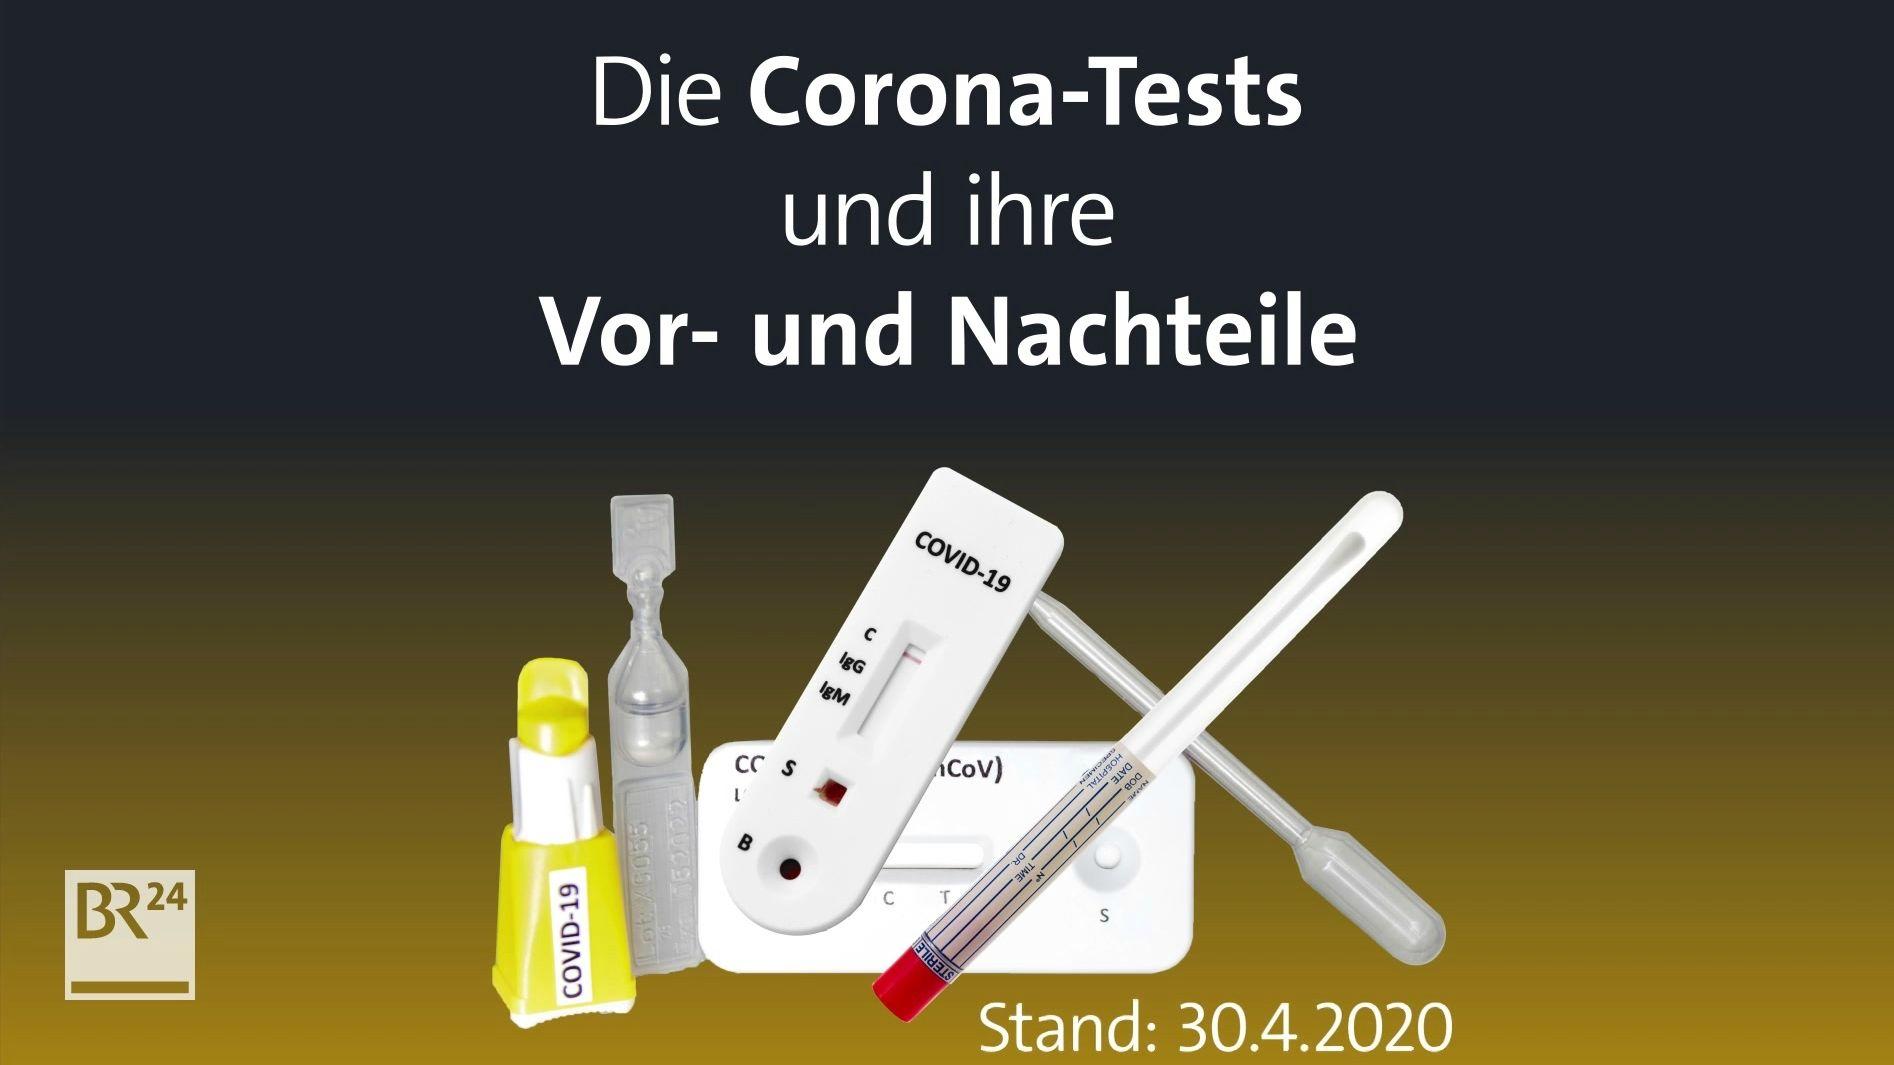 #fragBR24💡 Die Corona-Tests und ihre Vor- und Nachteile